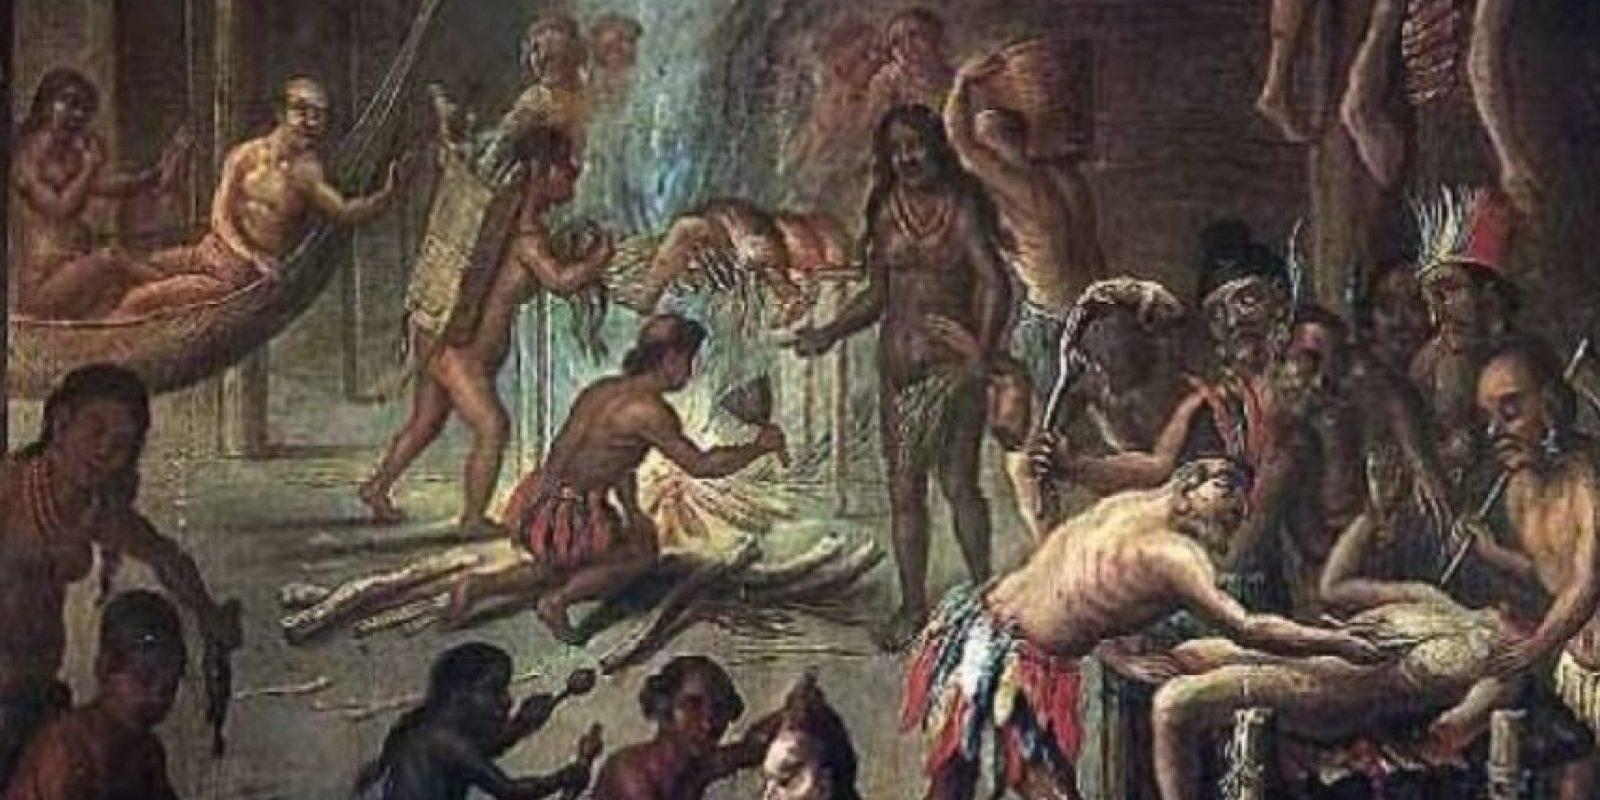 El caníbal alemán Armin Meiwes comió 20 kilogramos de su víctima. Dijo que sabía a carne de cerdo Foto:Wikipedia